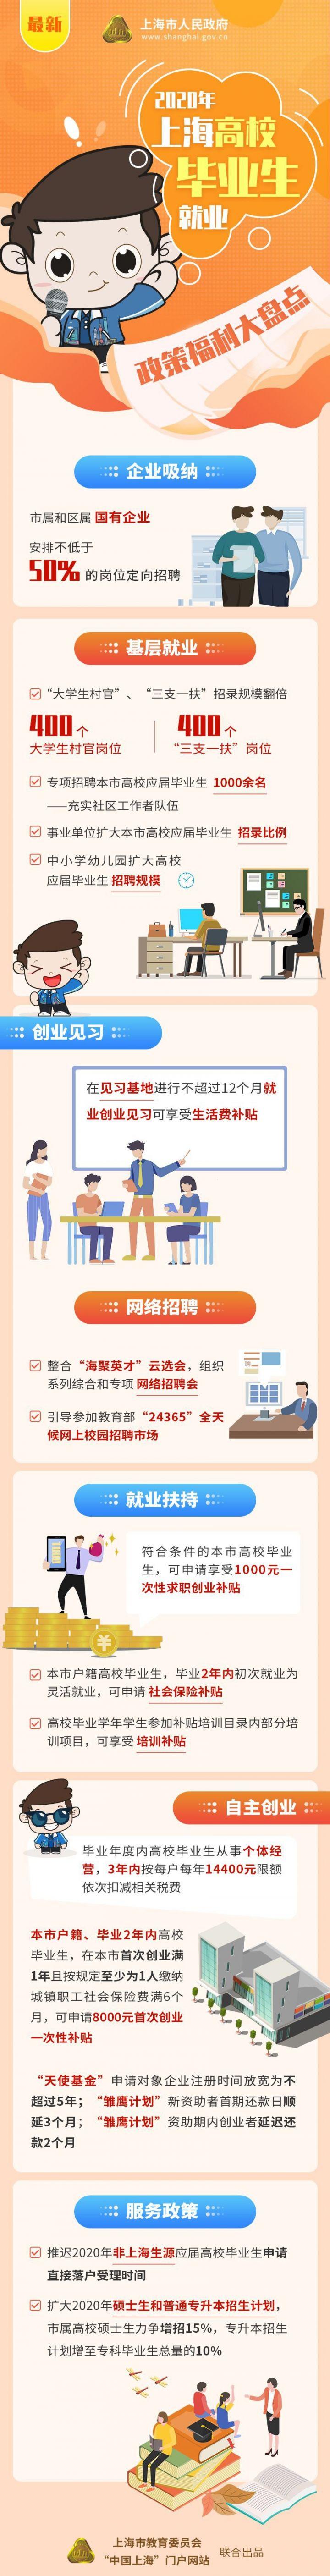 上海出台9方面政策福利助力高校毕业生就业